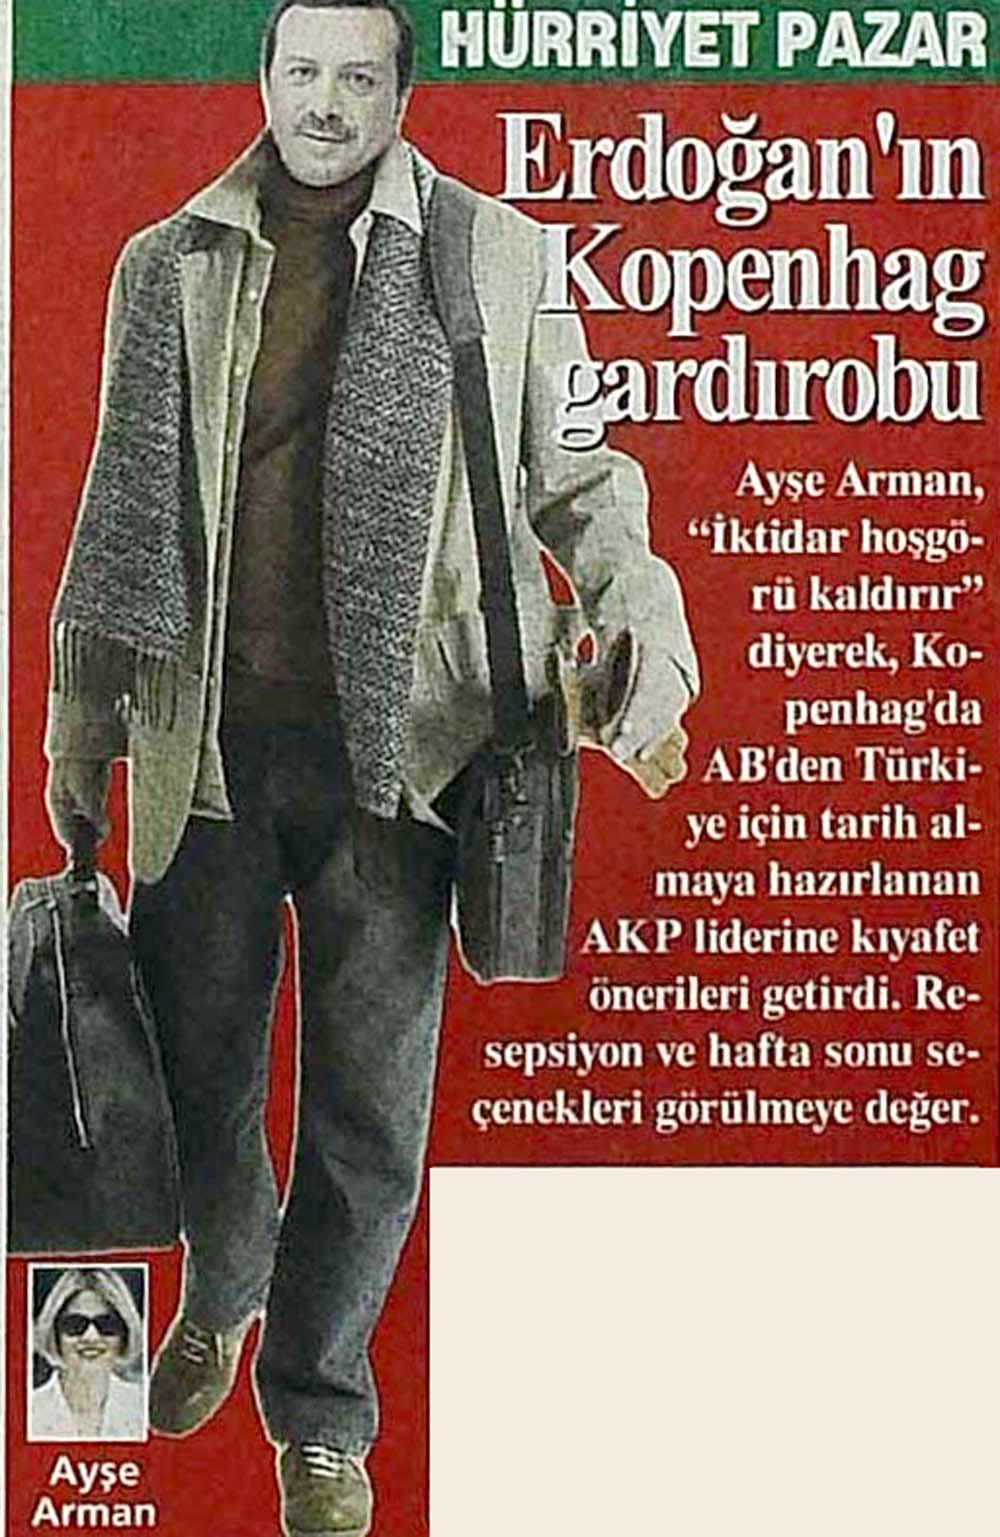 Erdoğan'ın gardırobu